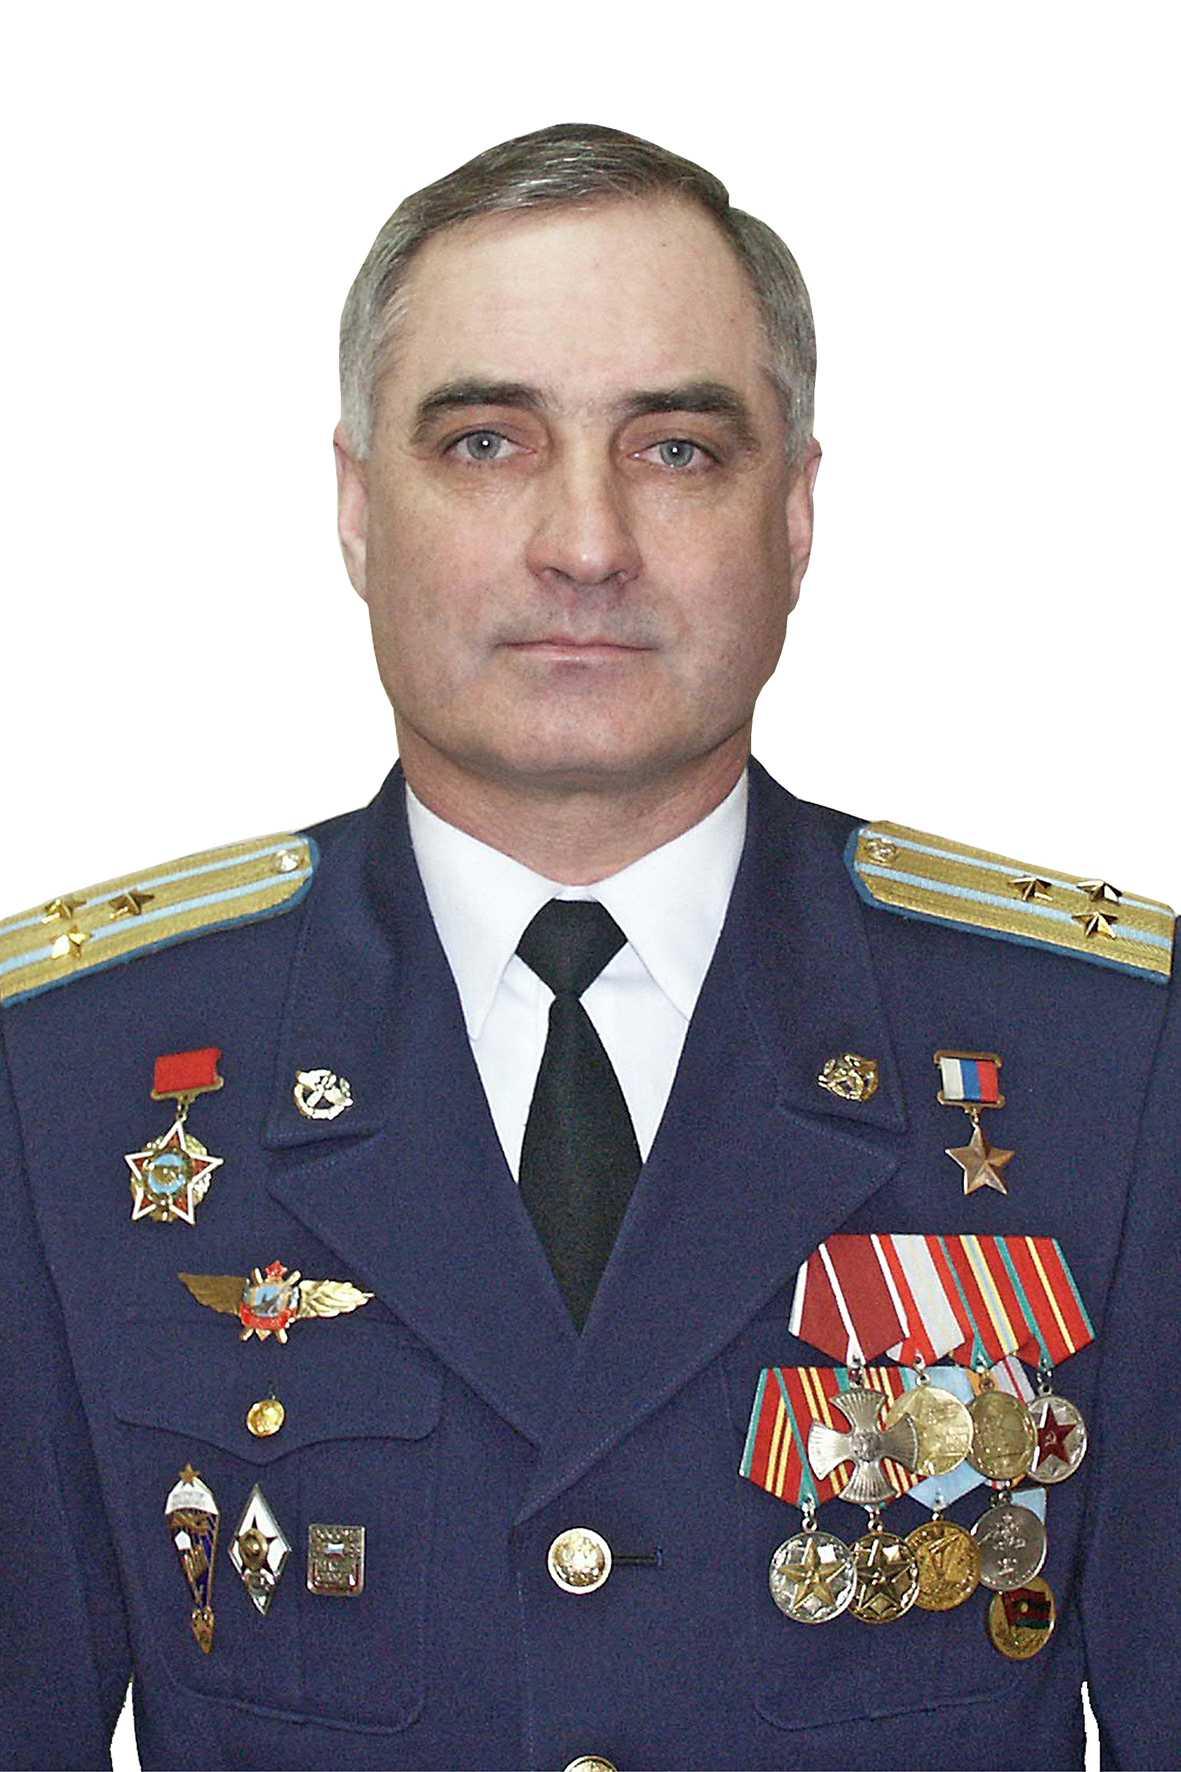 Герой Российской Федерации полковник Тарелкин Игорь Евгеньевич